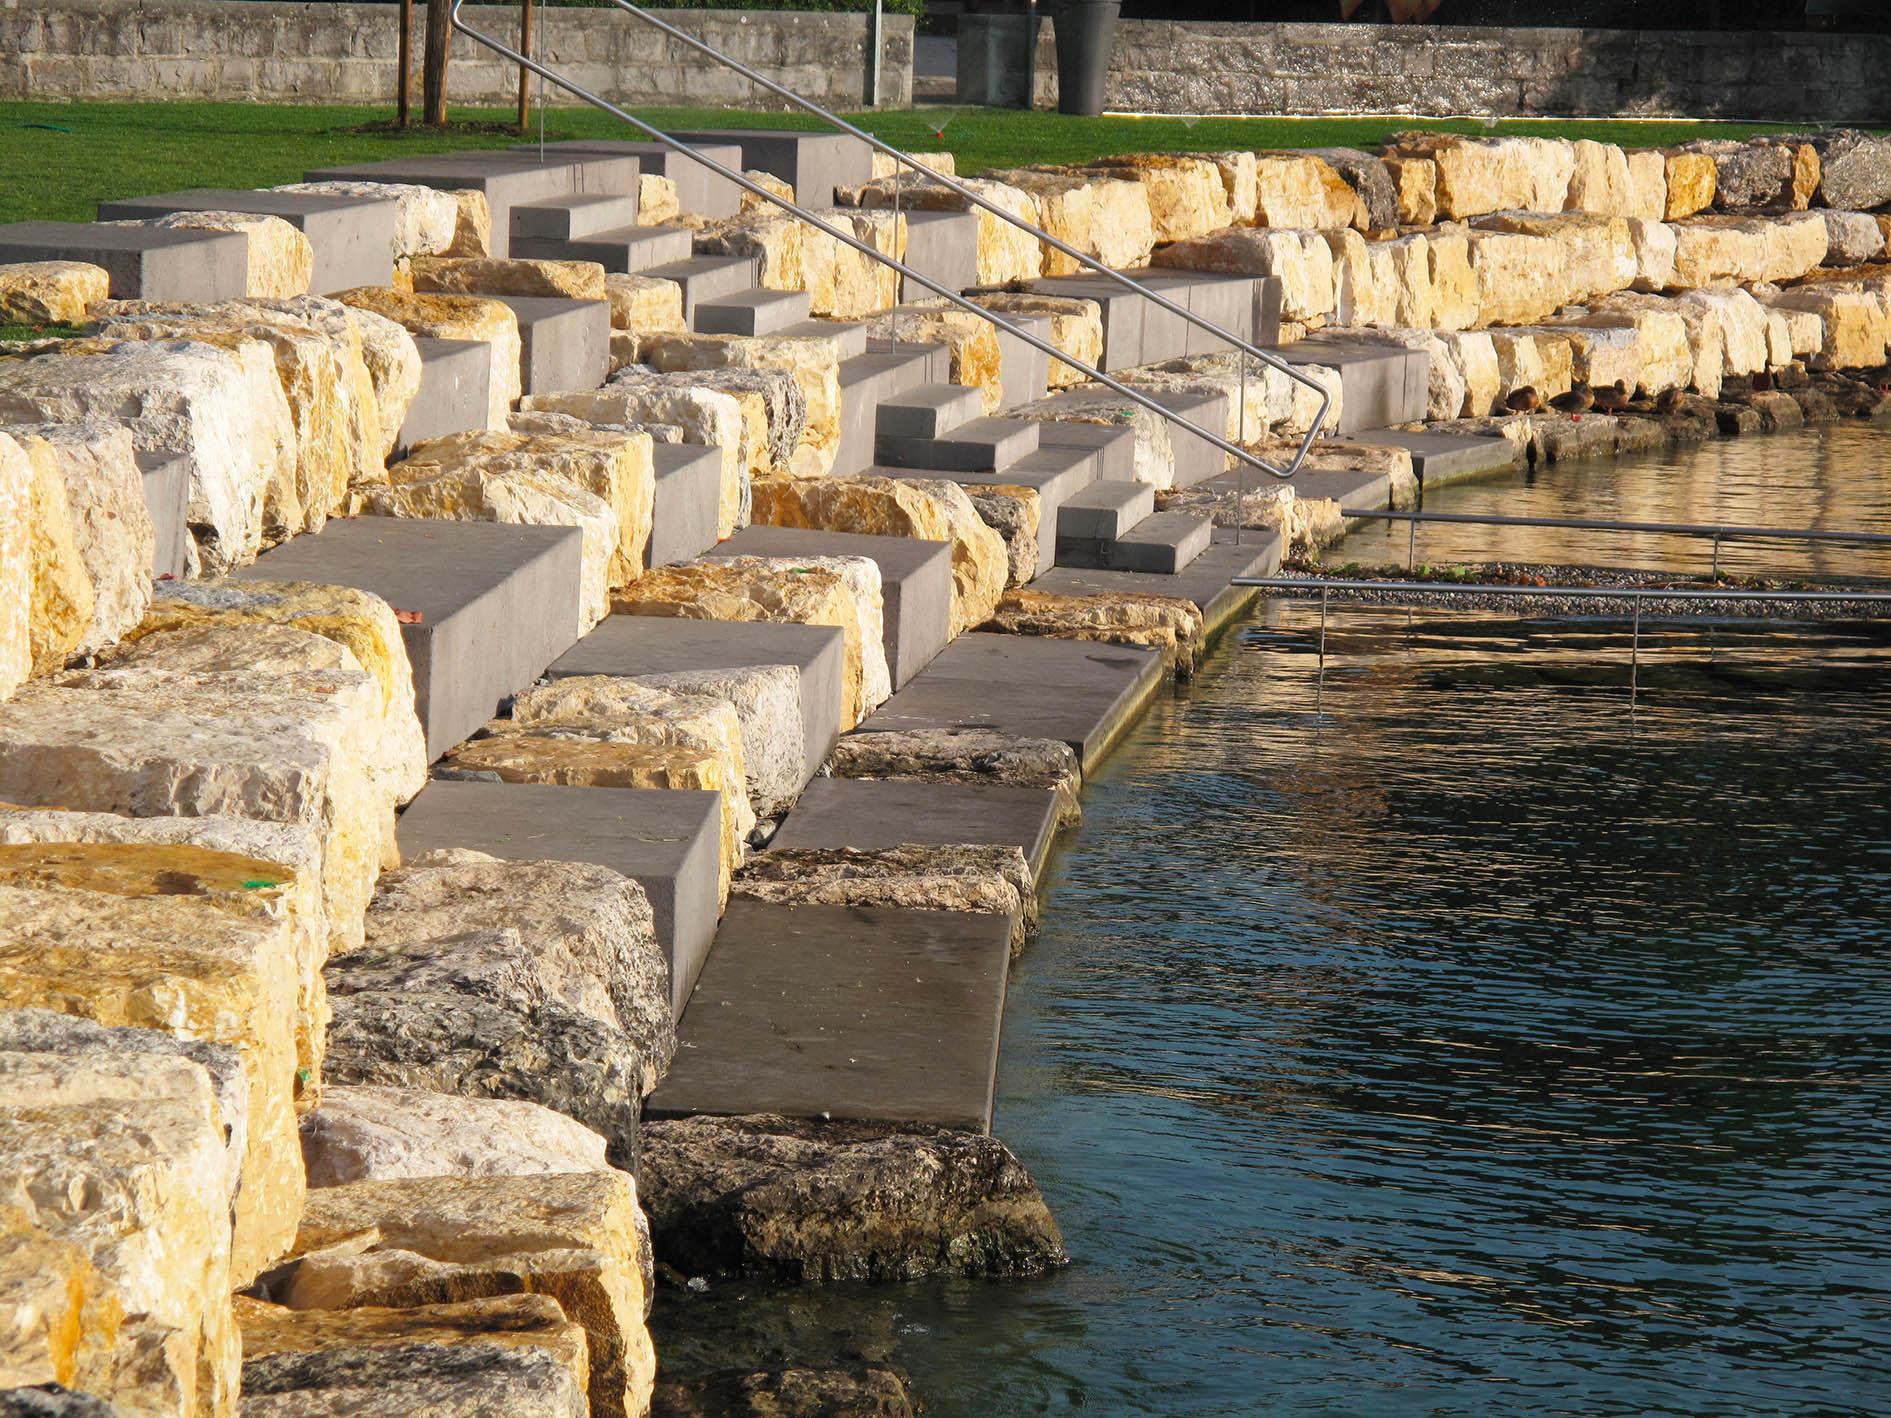 CERA escaliers port Gitana